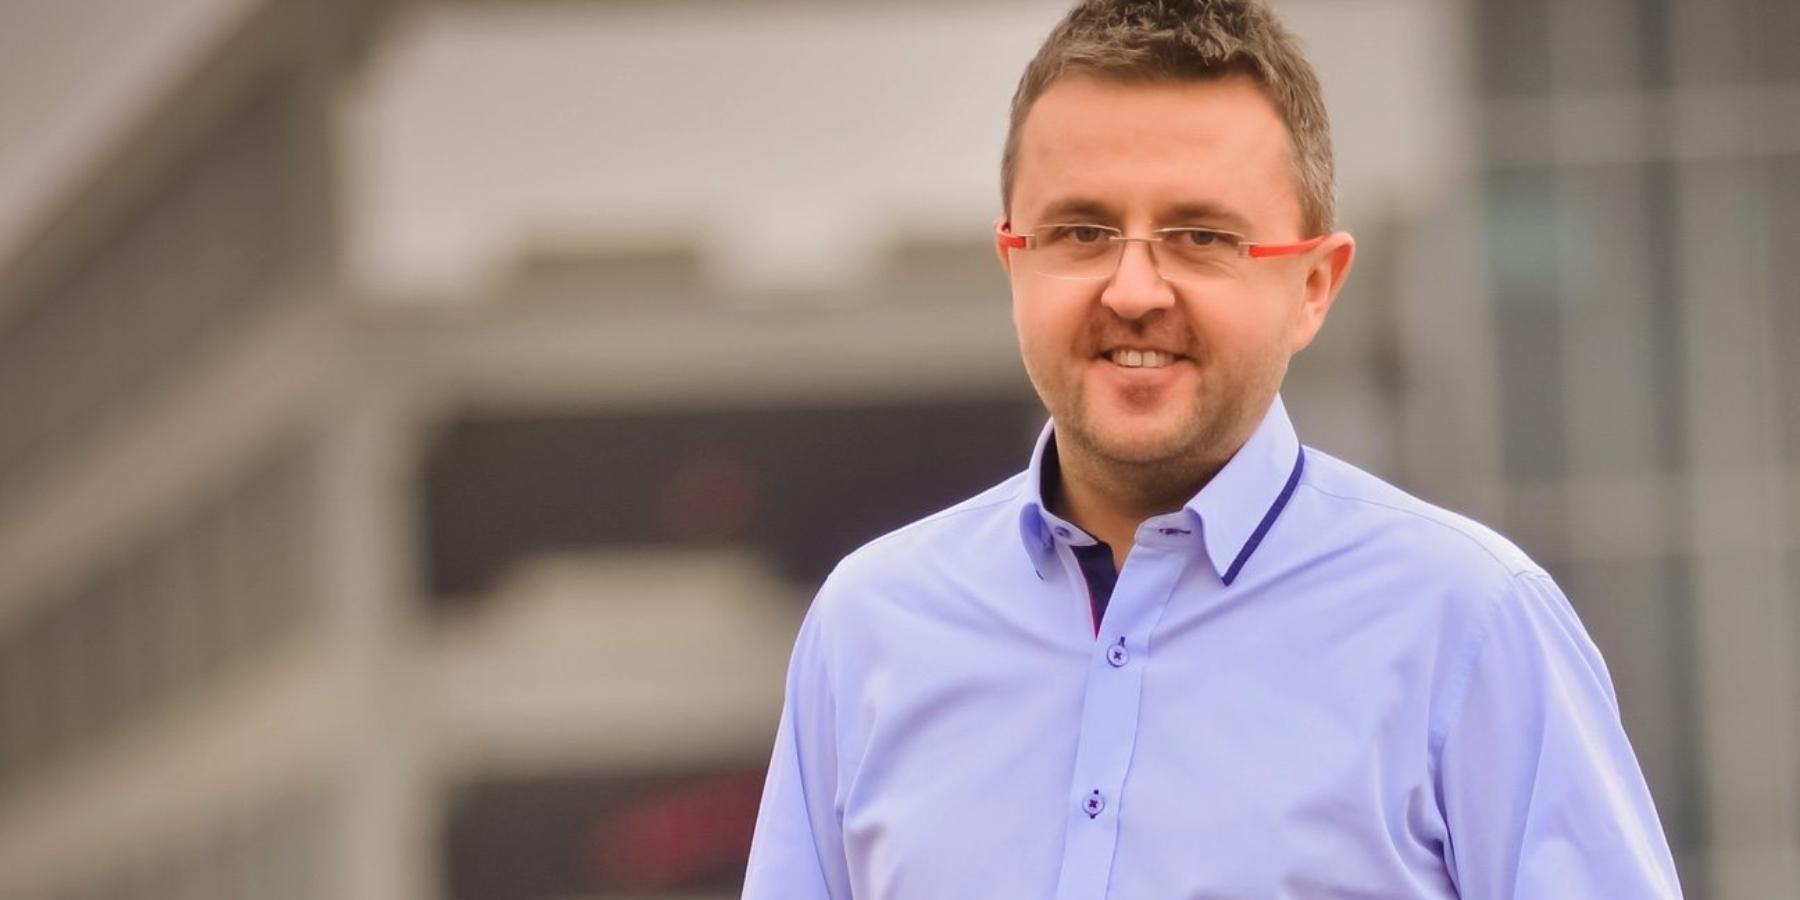 Wywiad zMarkiem Jankowskim (Mała Wielka Firma) – niemam ciśnienia, aby zawszelką cenę pompować ilość słuchaczy!